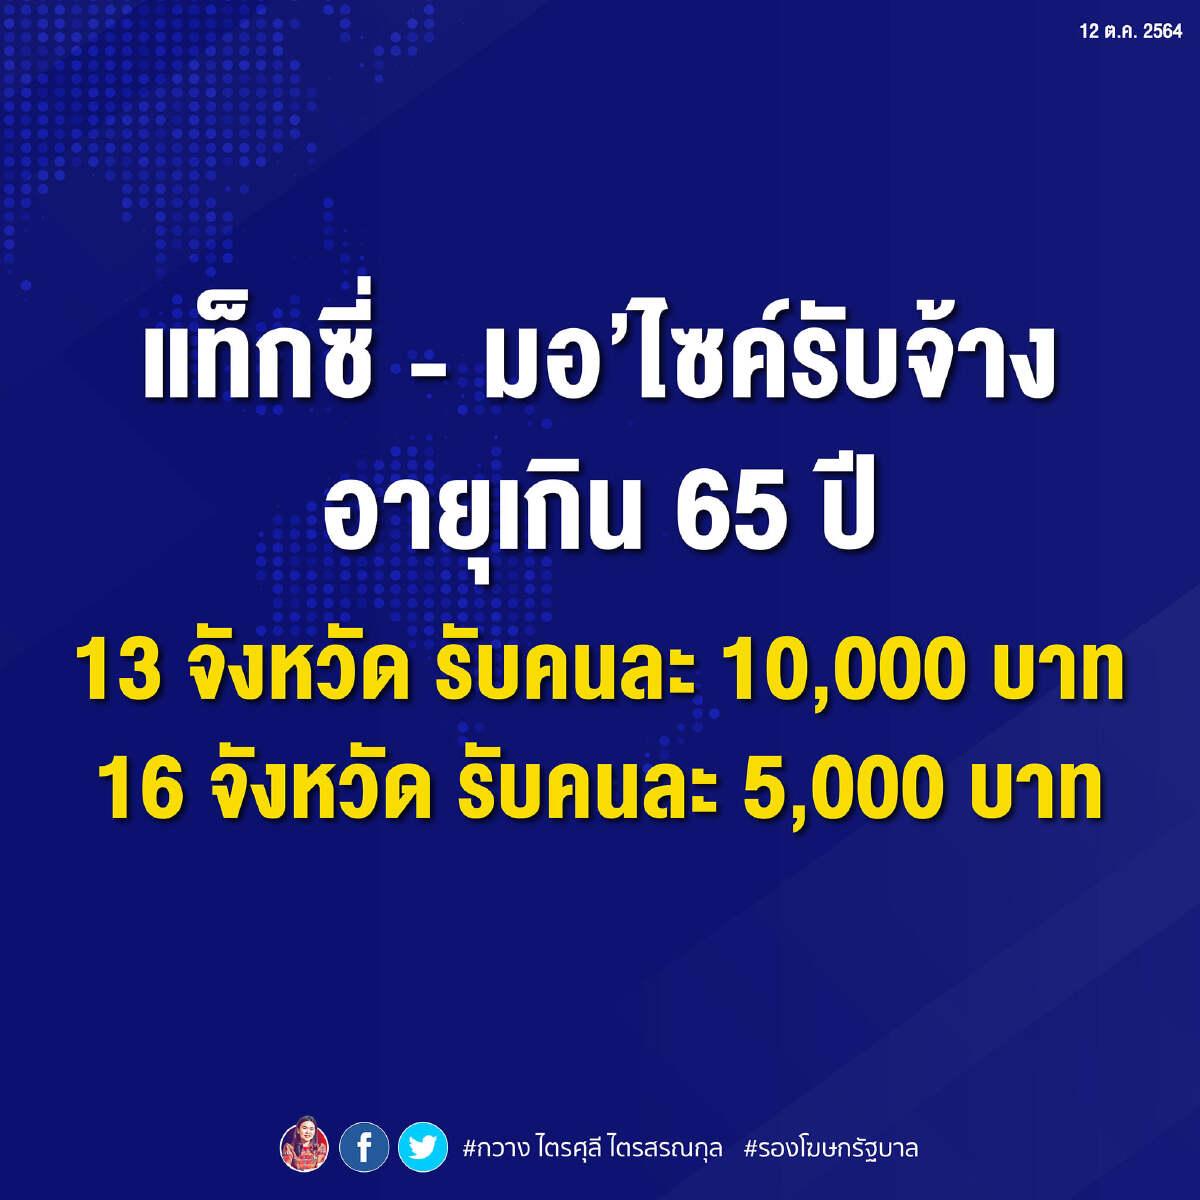 เยียวยาแท็กซี่-วินมอเตอร์ไซค์ 29 จังหวัด สูงสุด 10,000 บาท เช็คเงื่อนไขด่วน